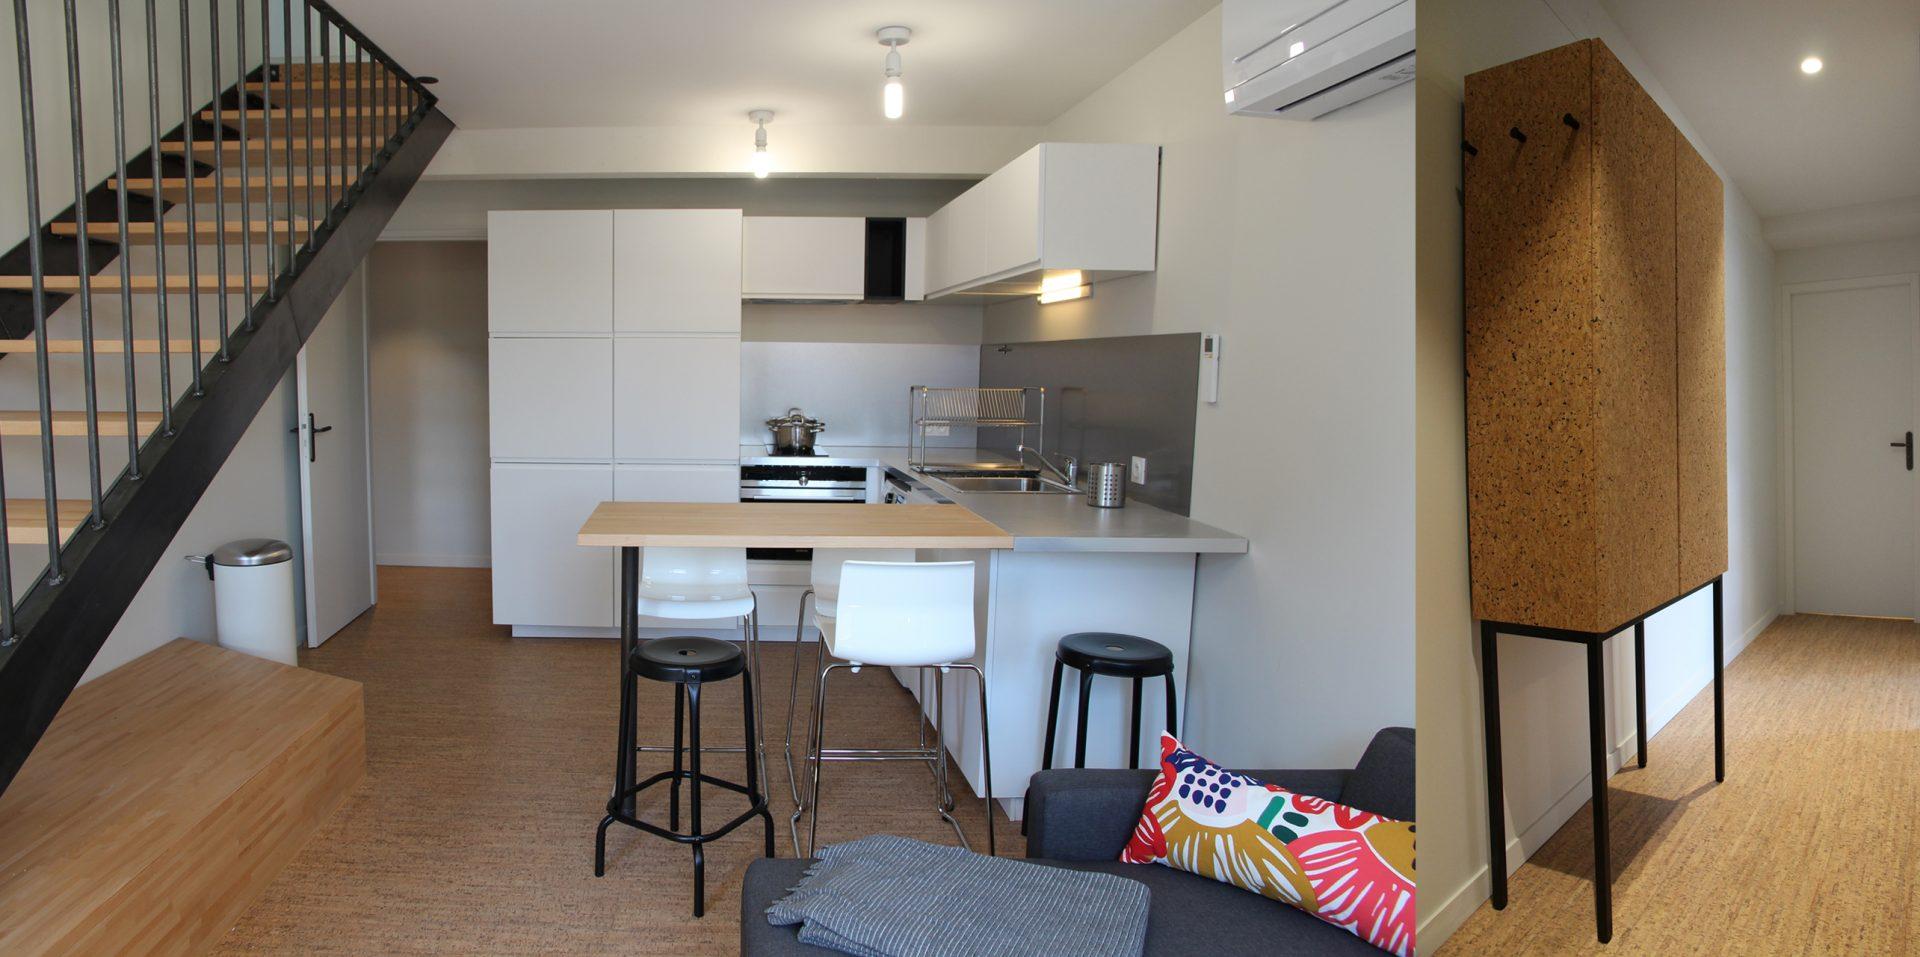 Aménagement de duplex pour du locatif duplex 1 salle a manger cuisine